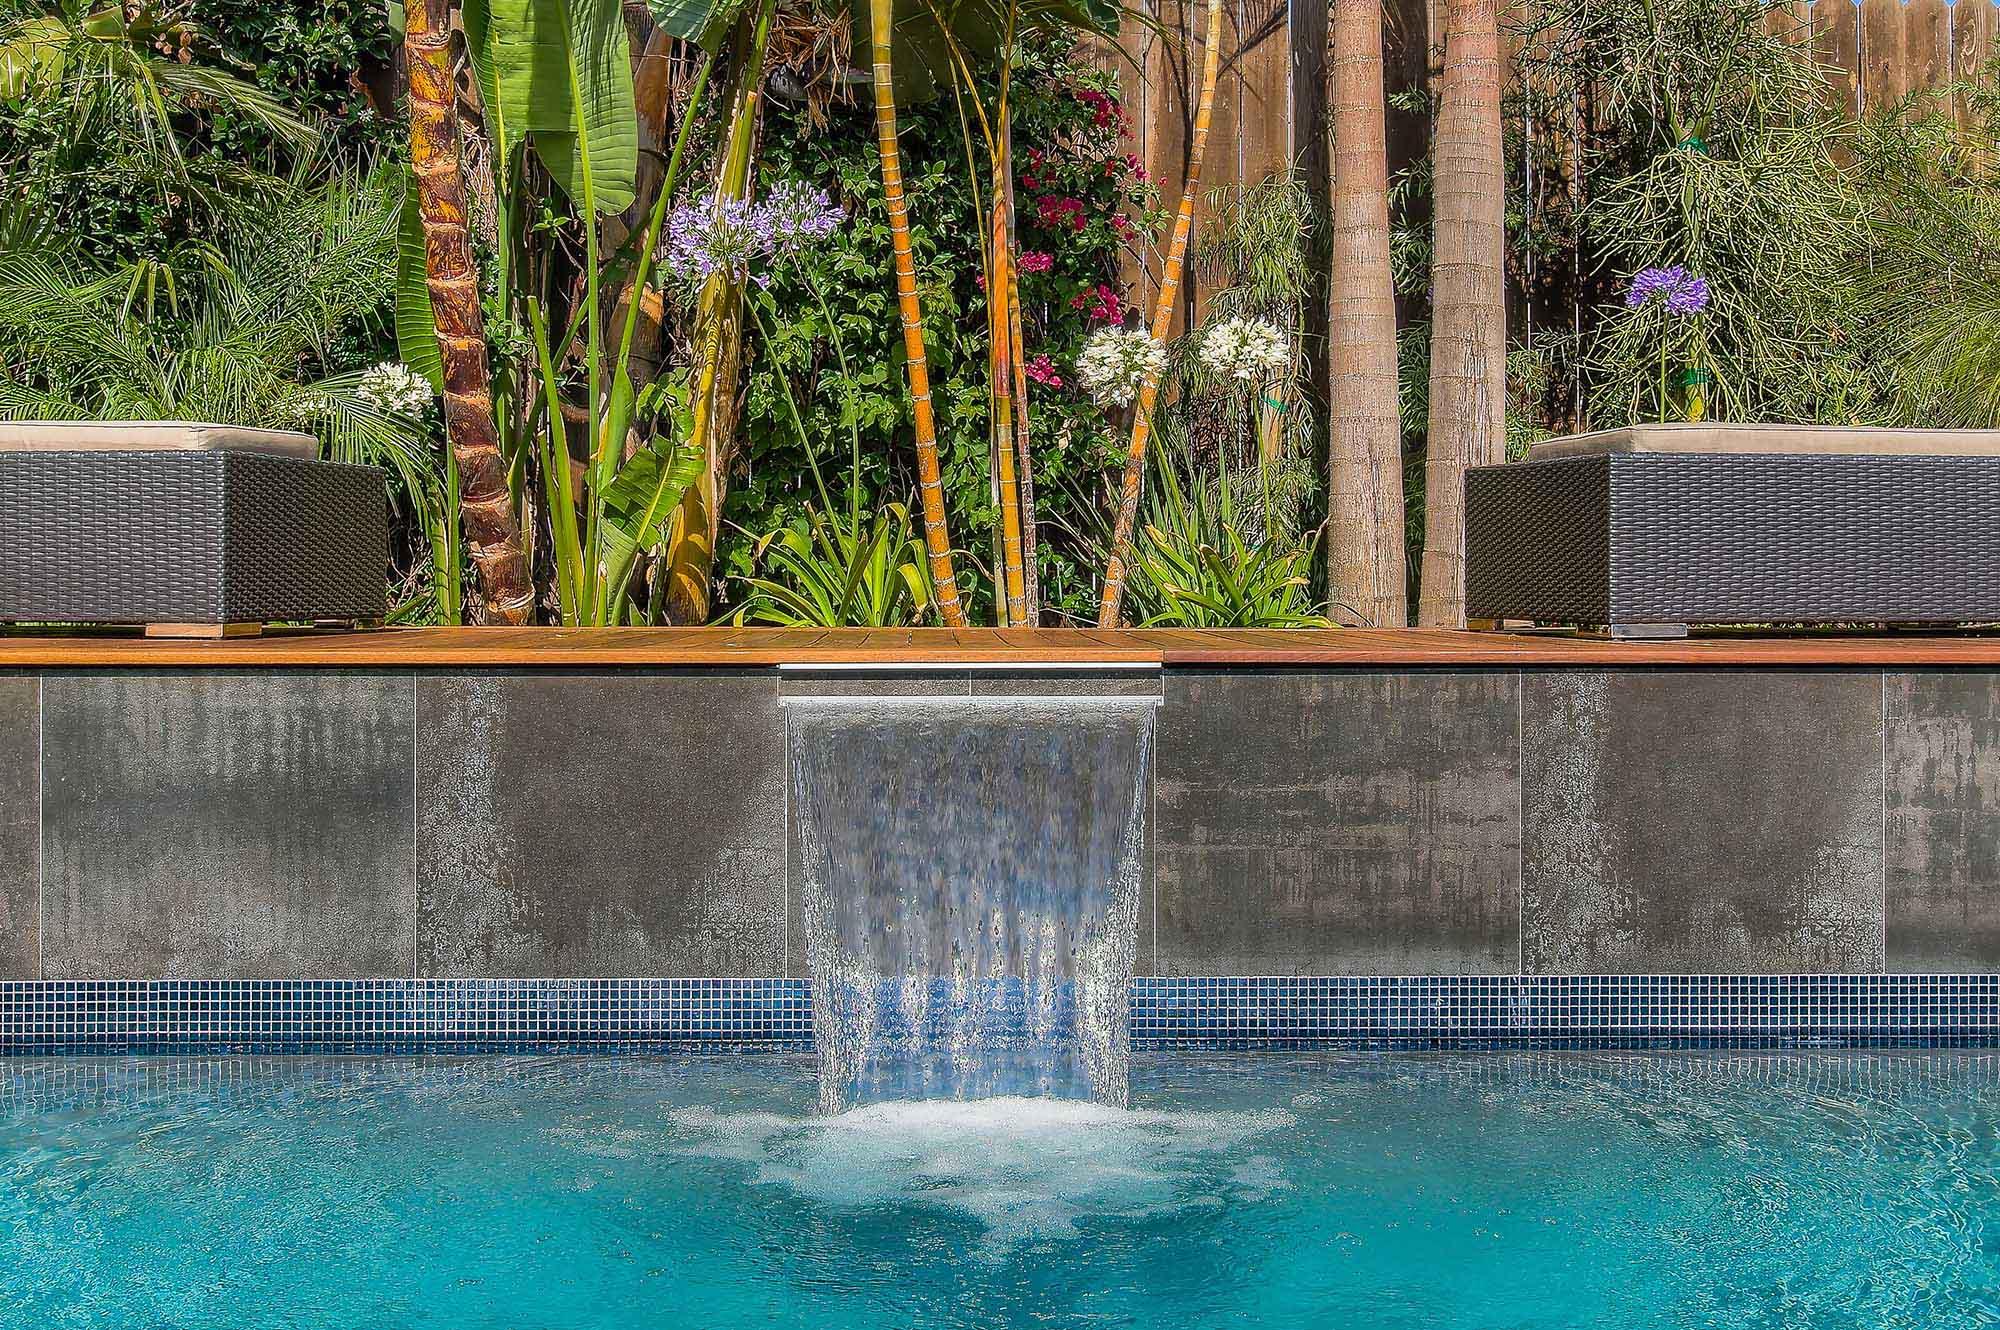 pasadena pool and exterior tiles